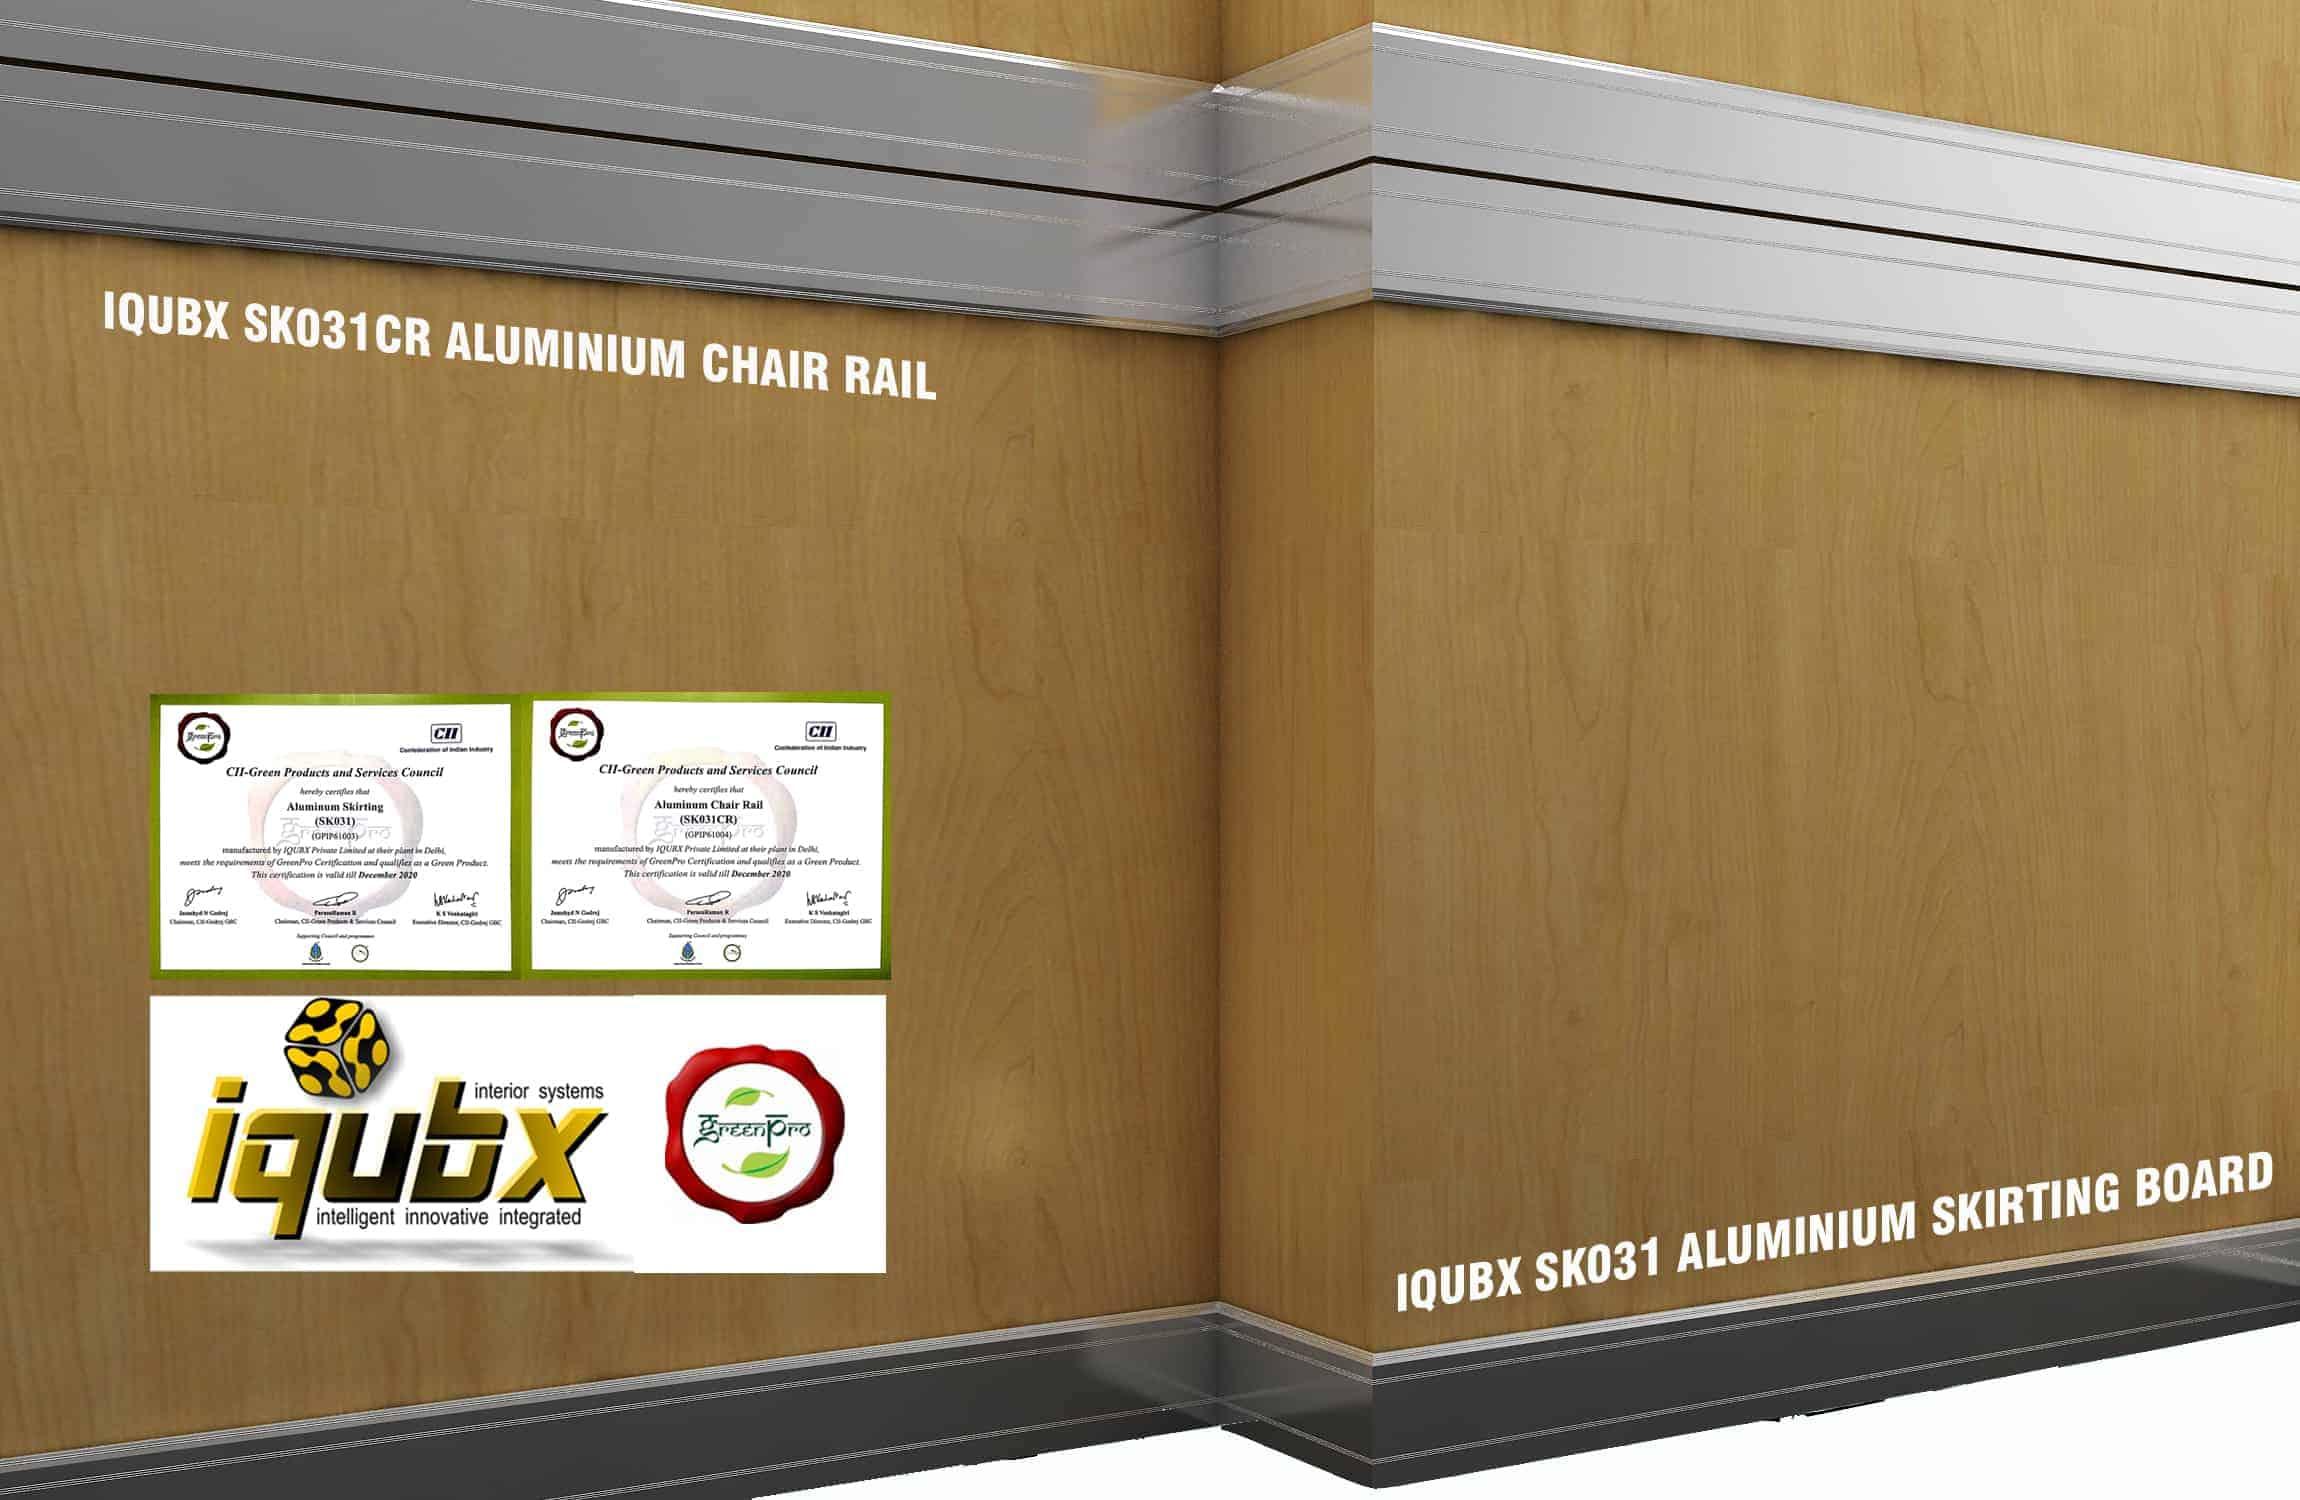 Wall Skirting Board Aluminium Amp Chair Rail Trim For Walls